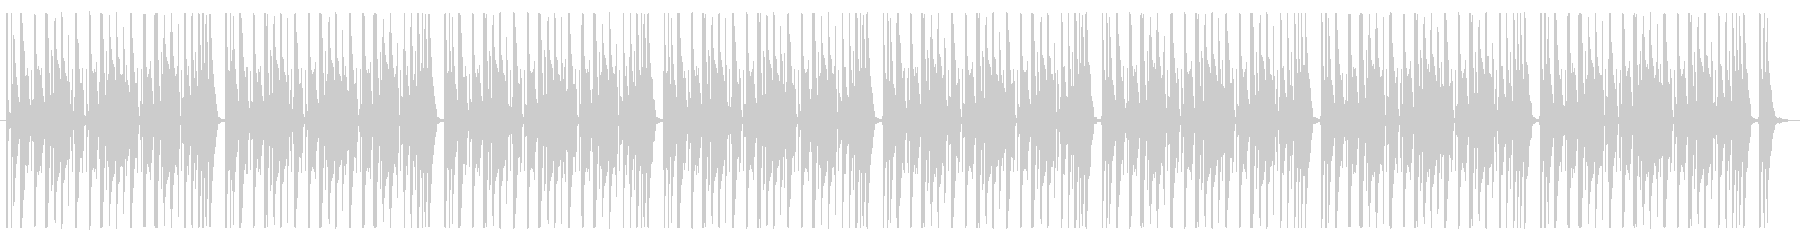 ファンキーなバンドサウンドのBGMの未再生の波形